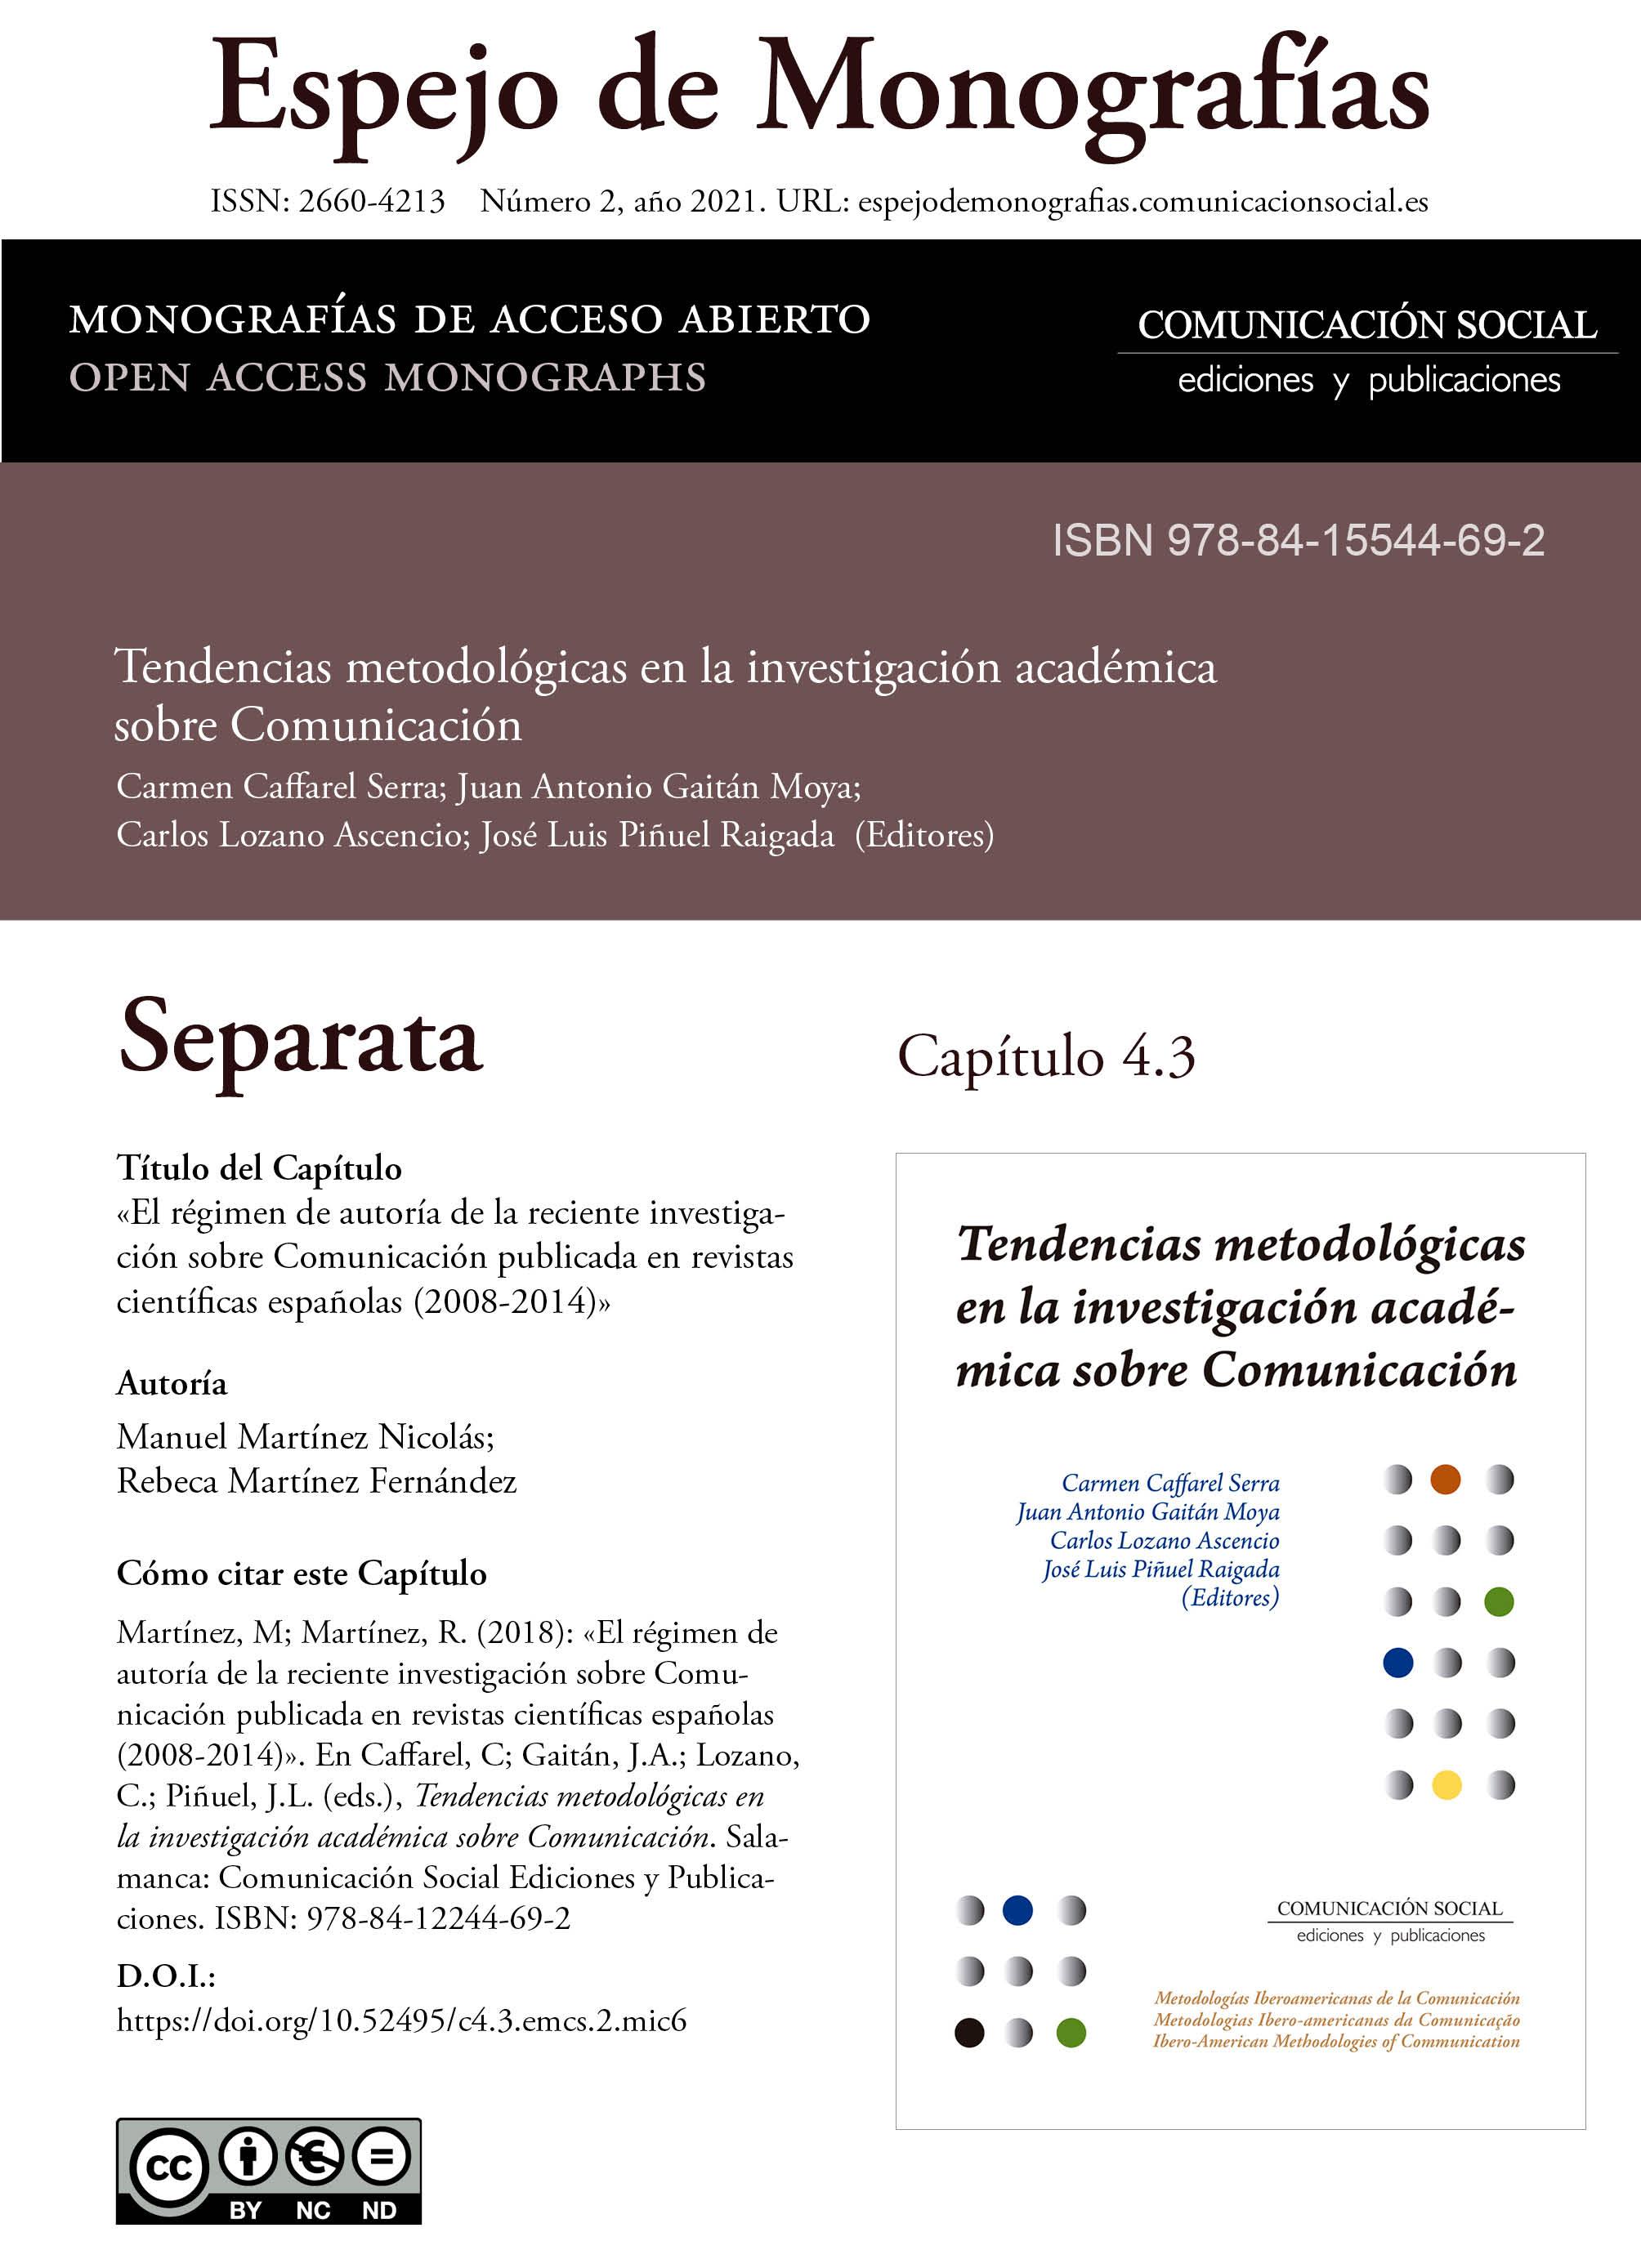 Separata del Capítulo 4.3 correspondiente a la monografía Tendencias metodológicas en la investigación académica en Comunicación